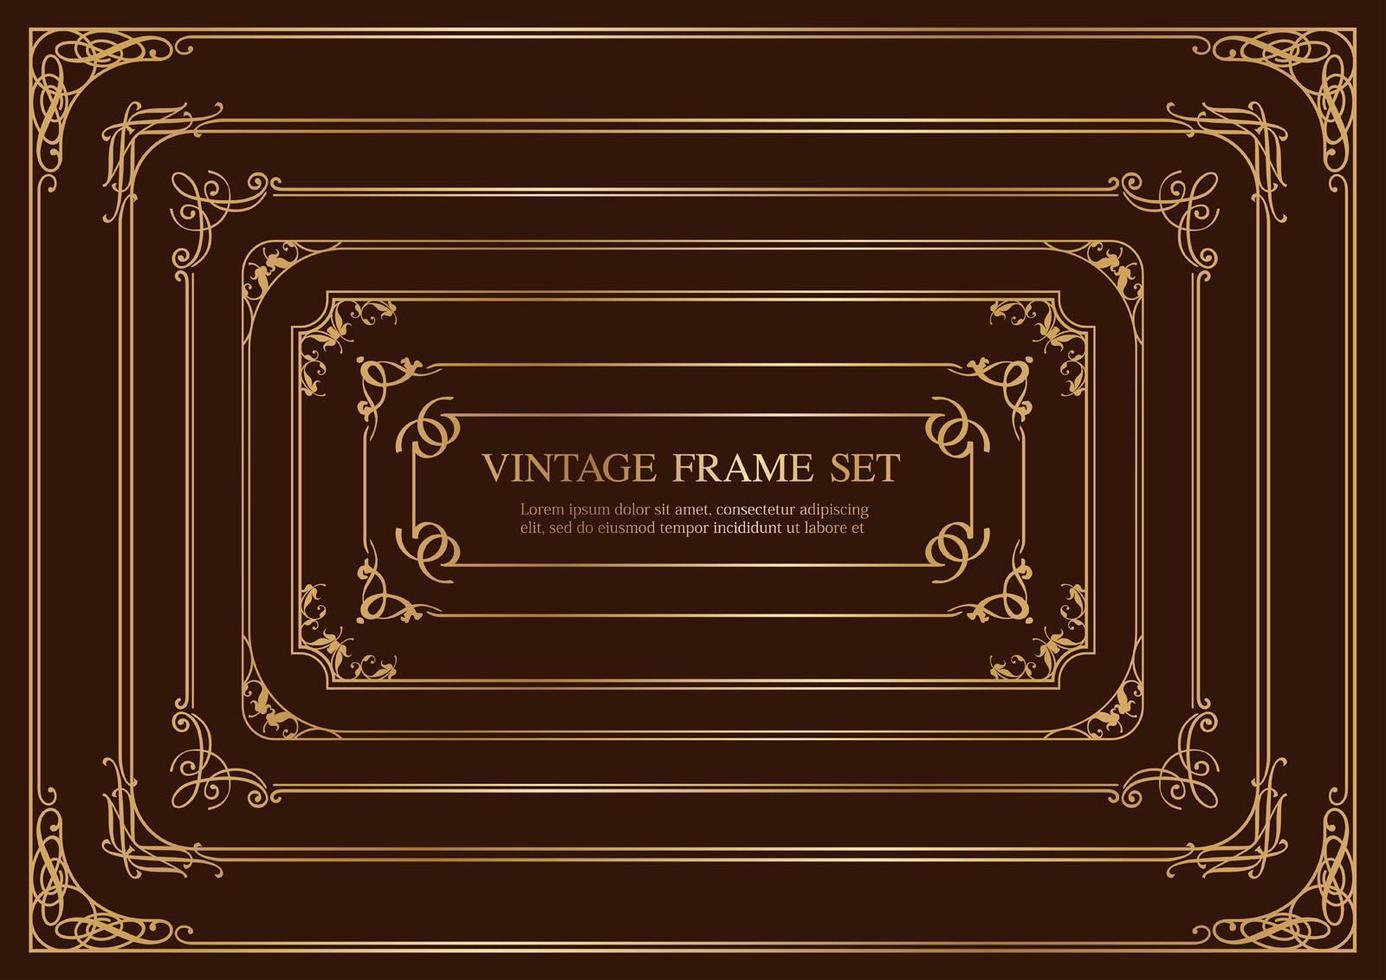 ensemble de sept cadres vintage rectangulaires or isolés sur fond sombre. vecteur